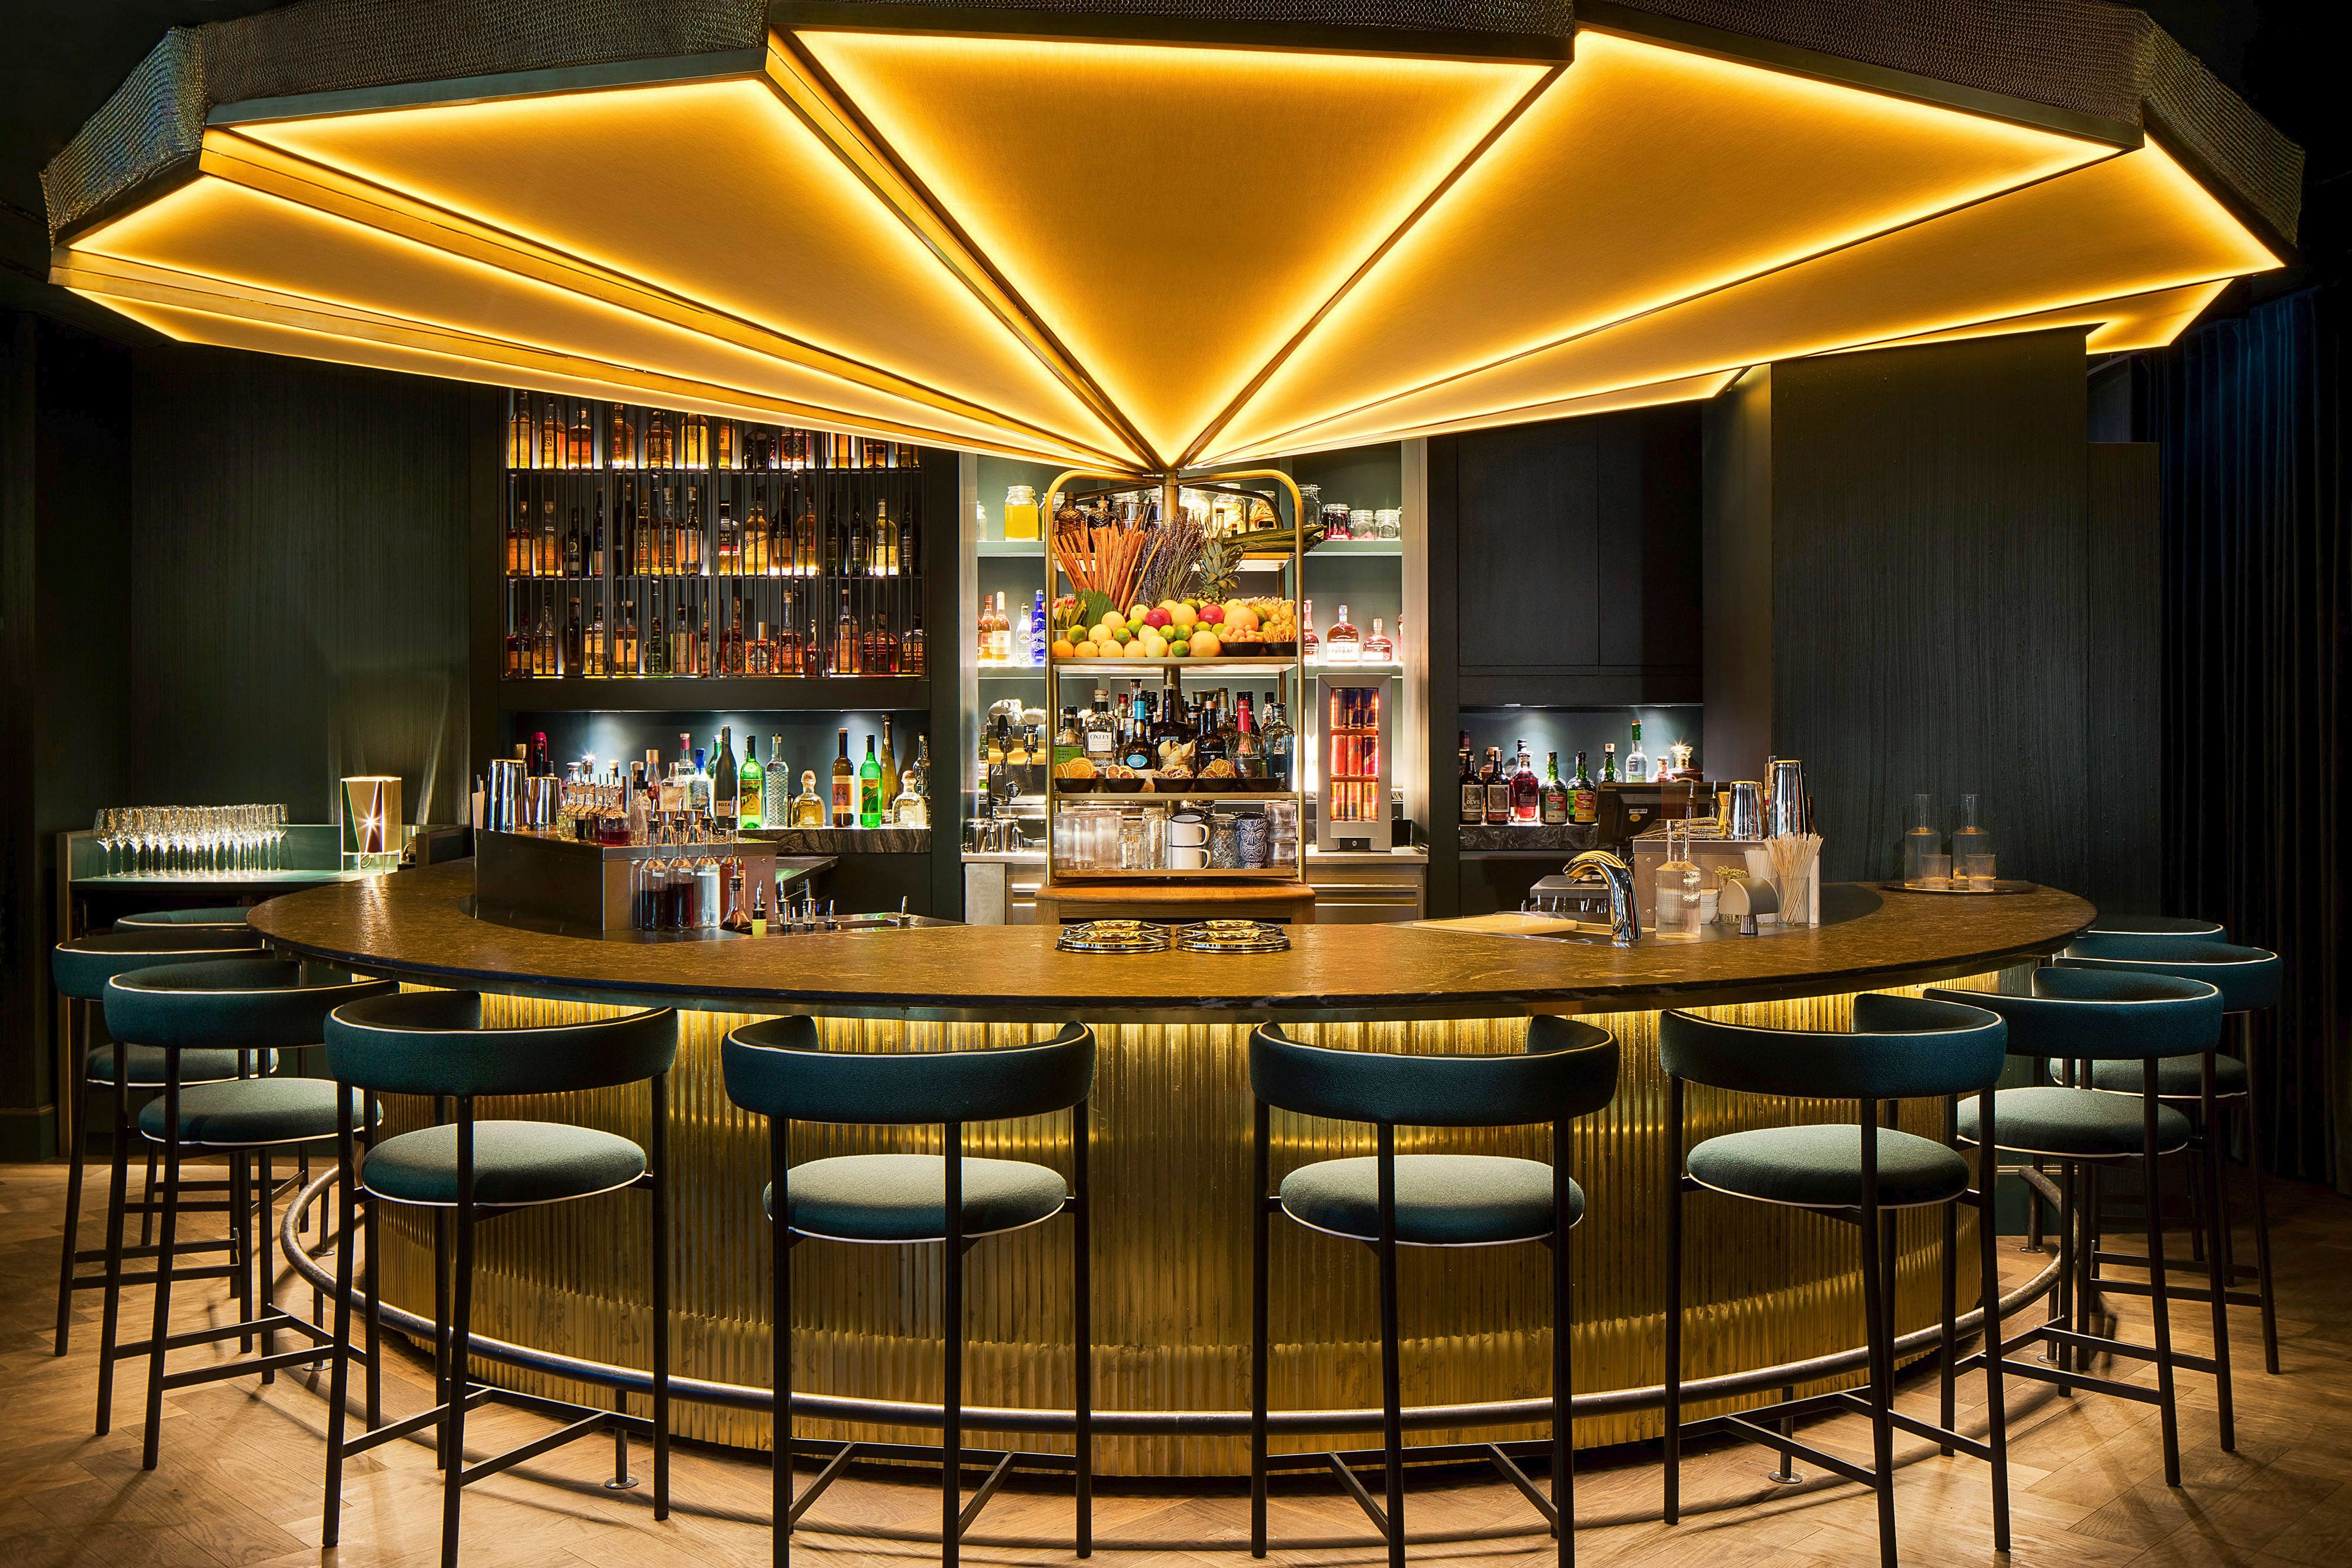 Six of the best bars in Munich